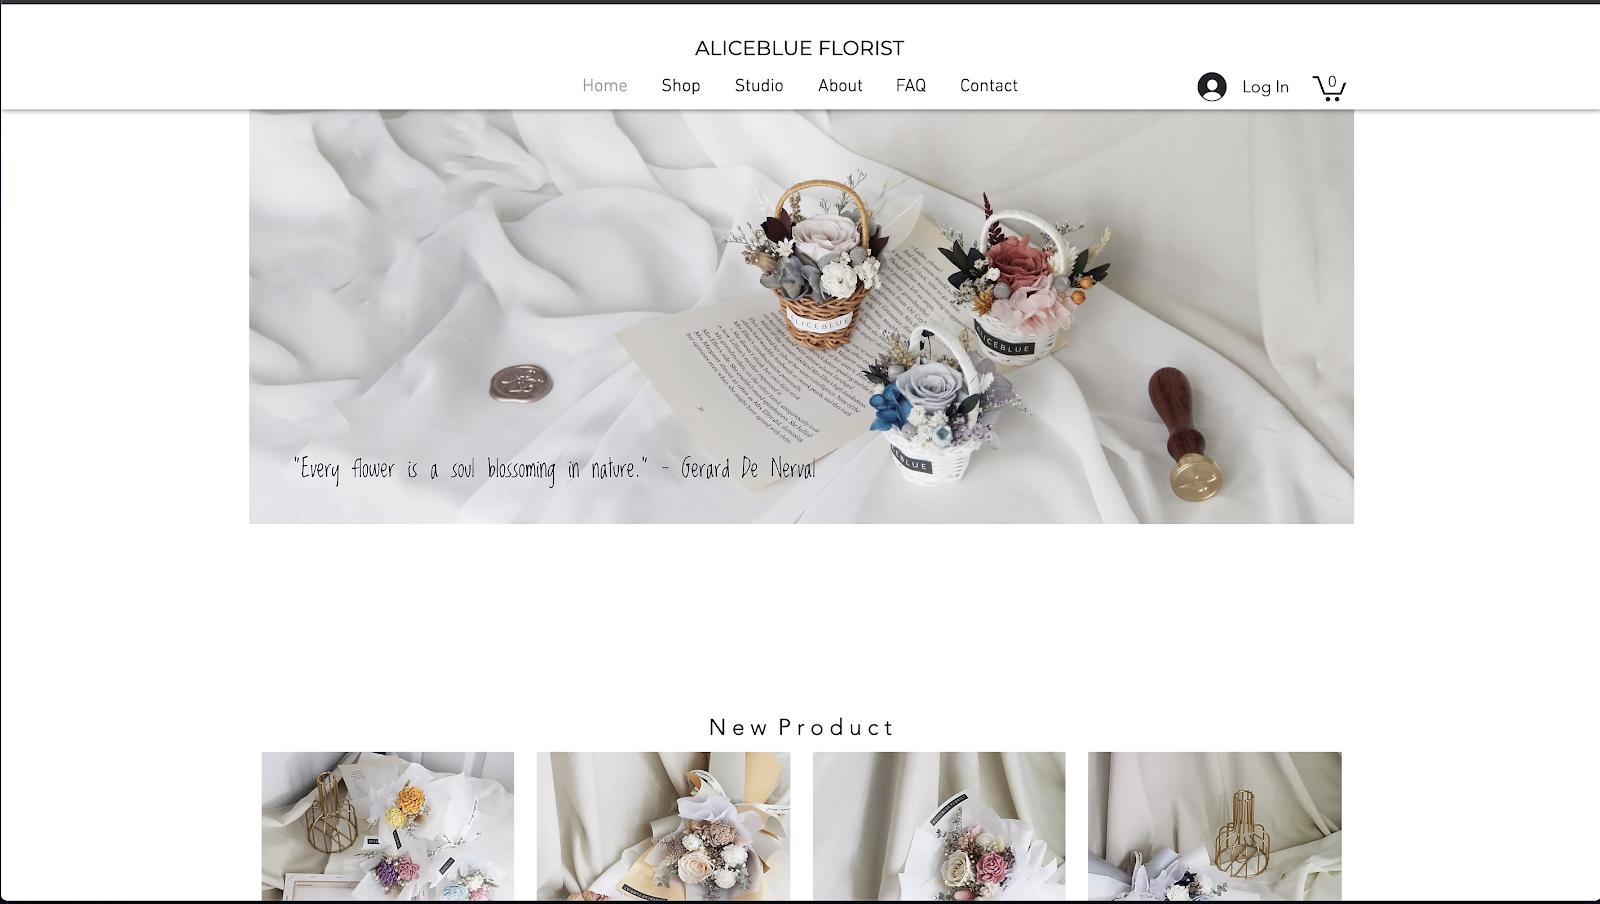 花屋 ウェブサイト制作事例2